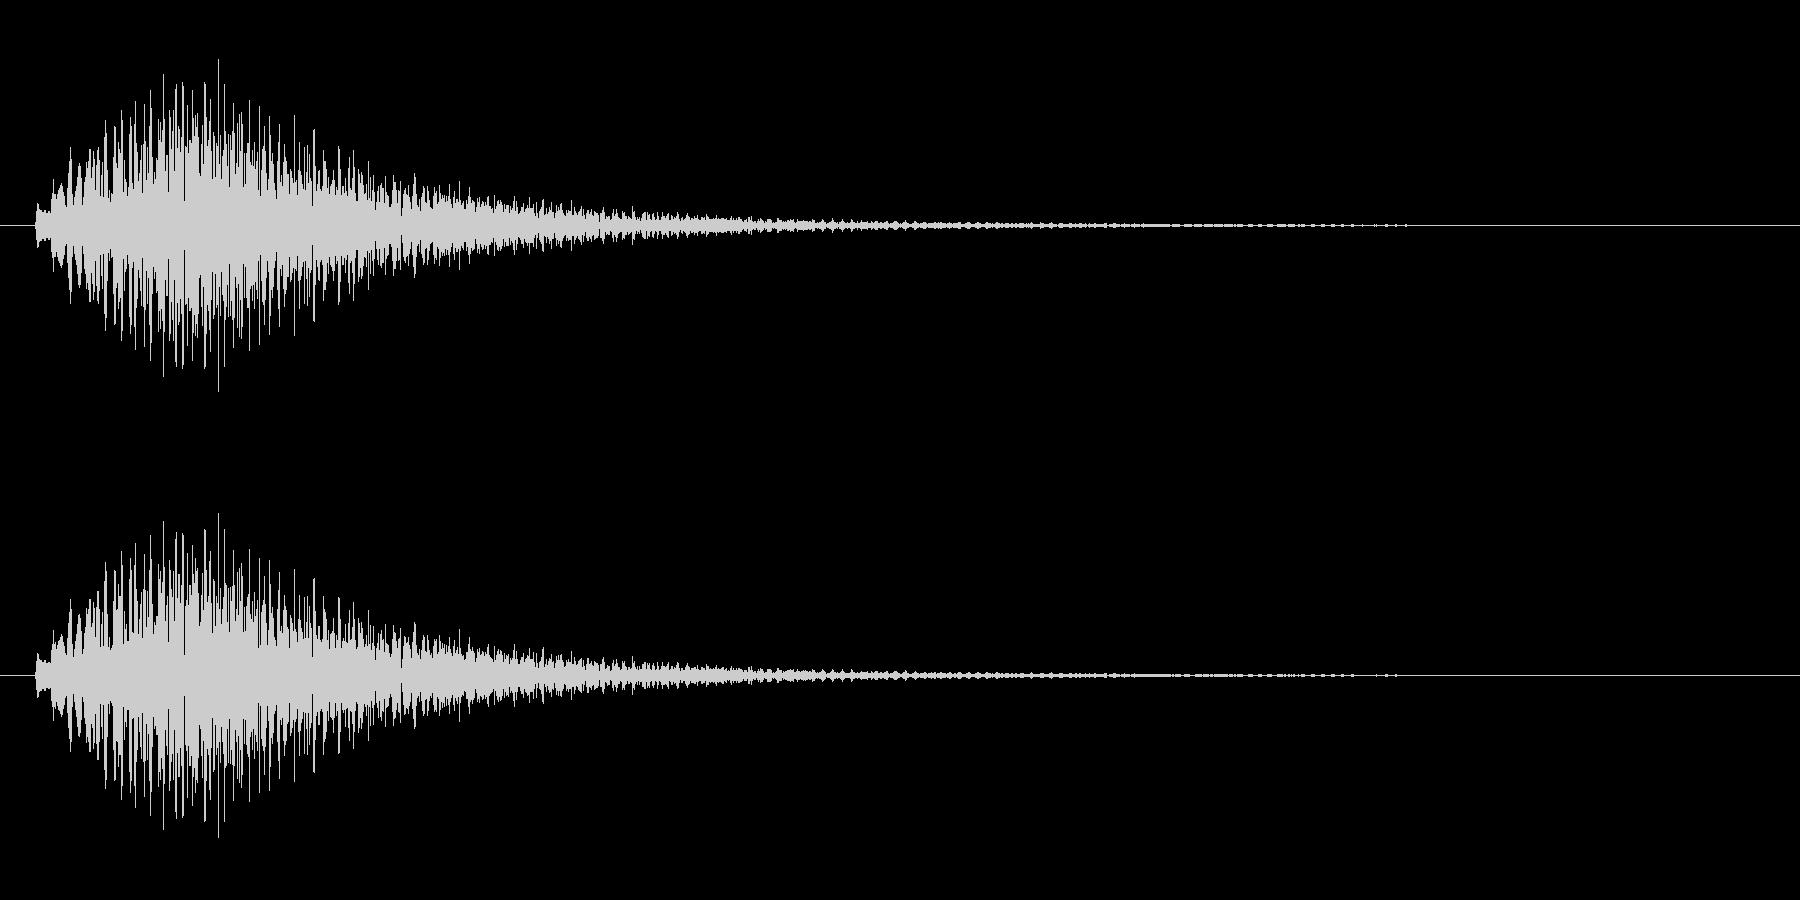 キラキラキラ/カリンバの綺麗な上昇音ですの未再生の波形